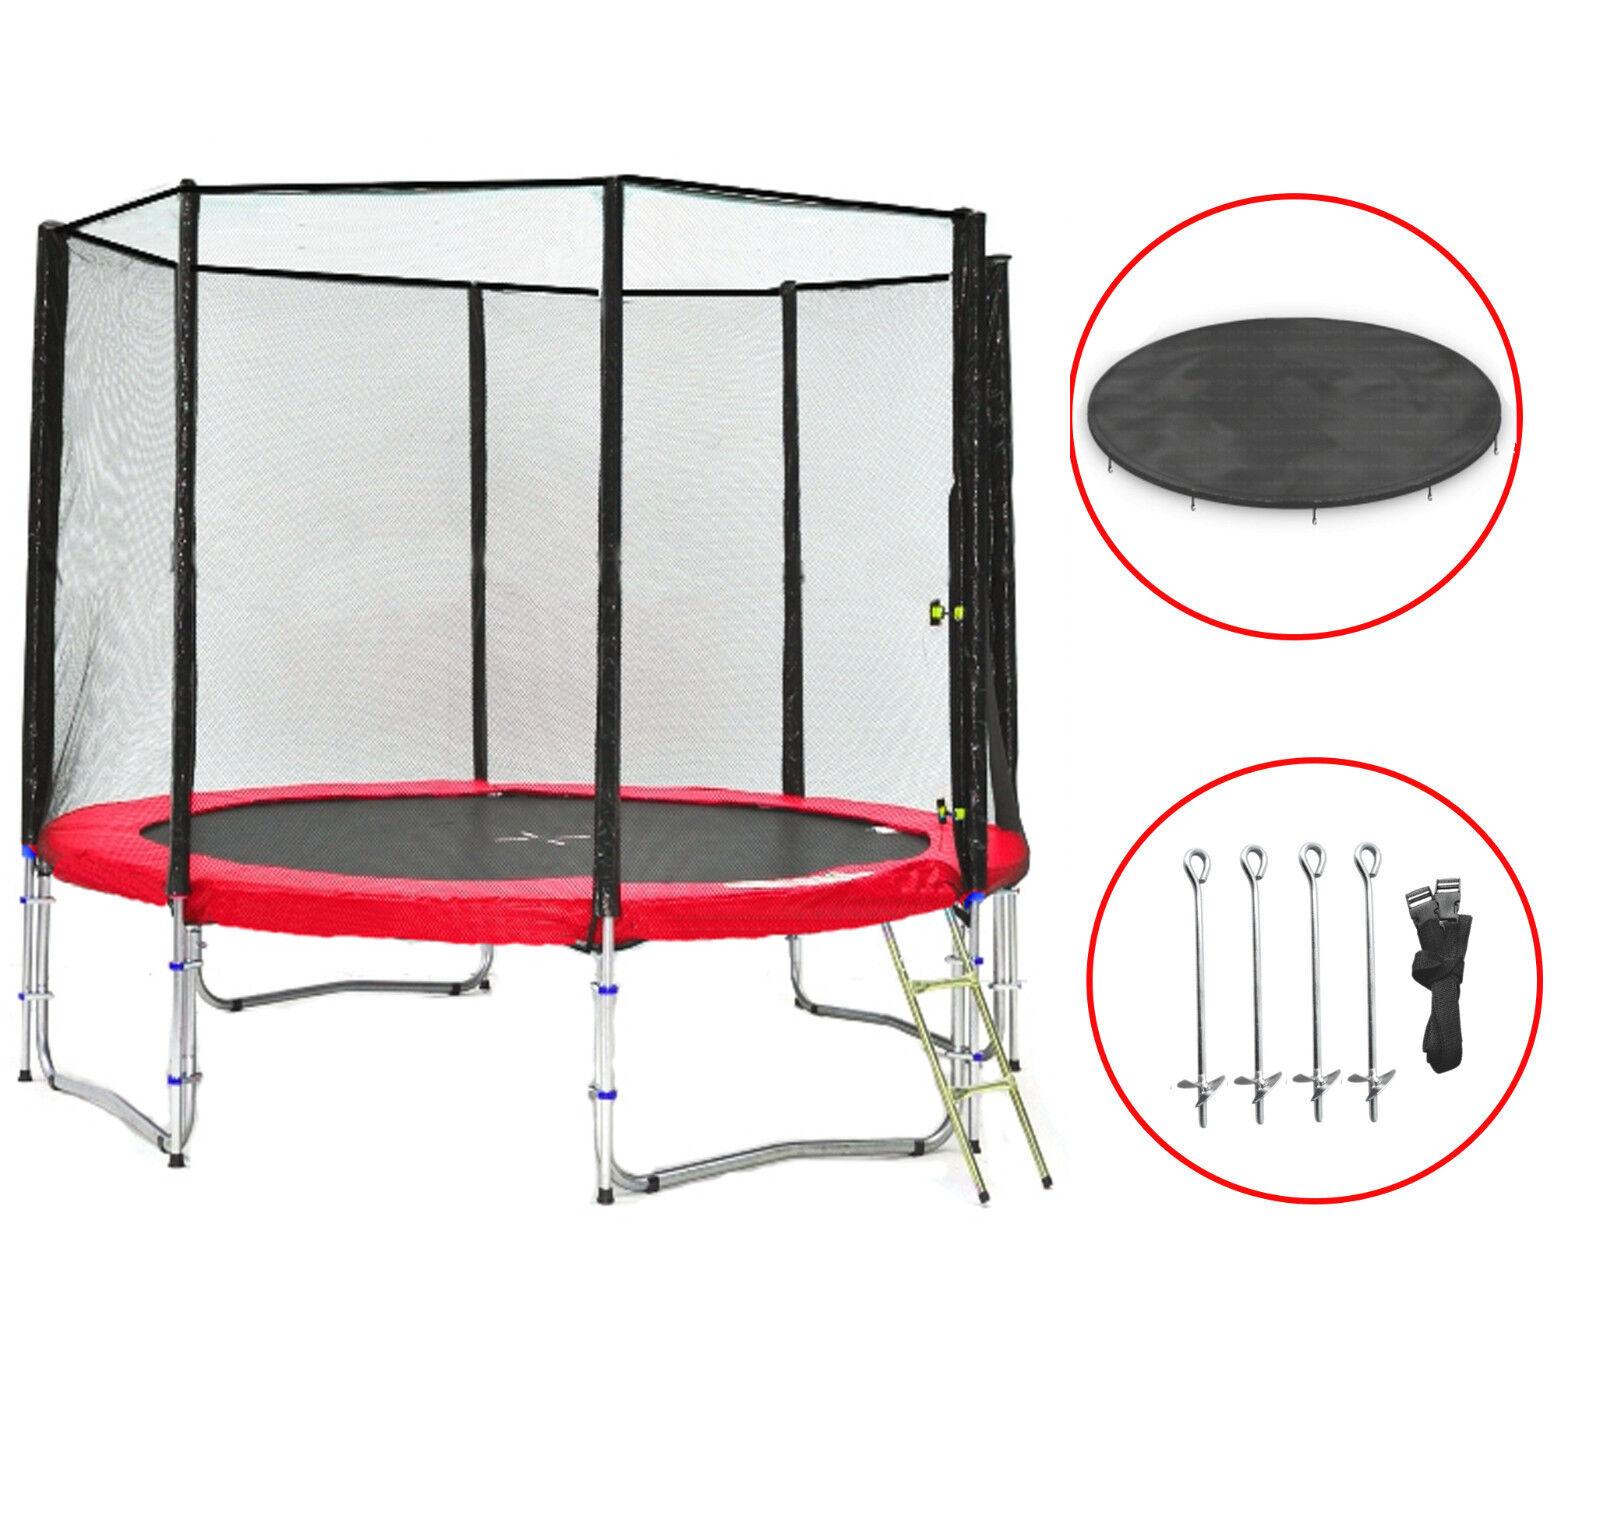 SB-305-R Simple Jump Garten-Trampolin Netz,Leiter,Anker und Wetterplane, 180kg